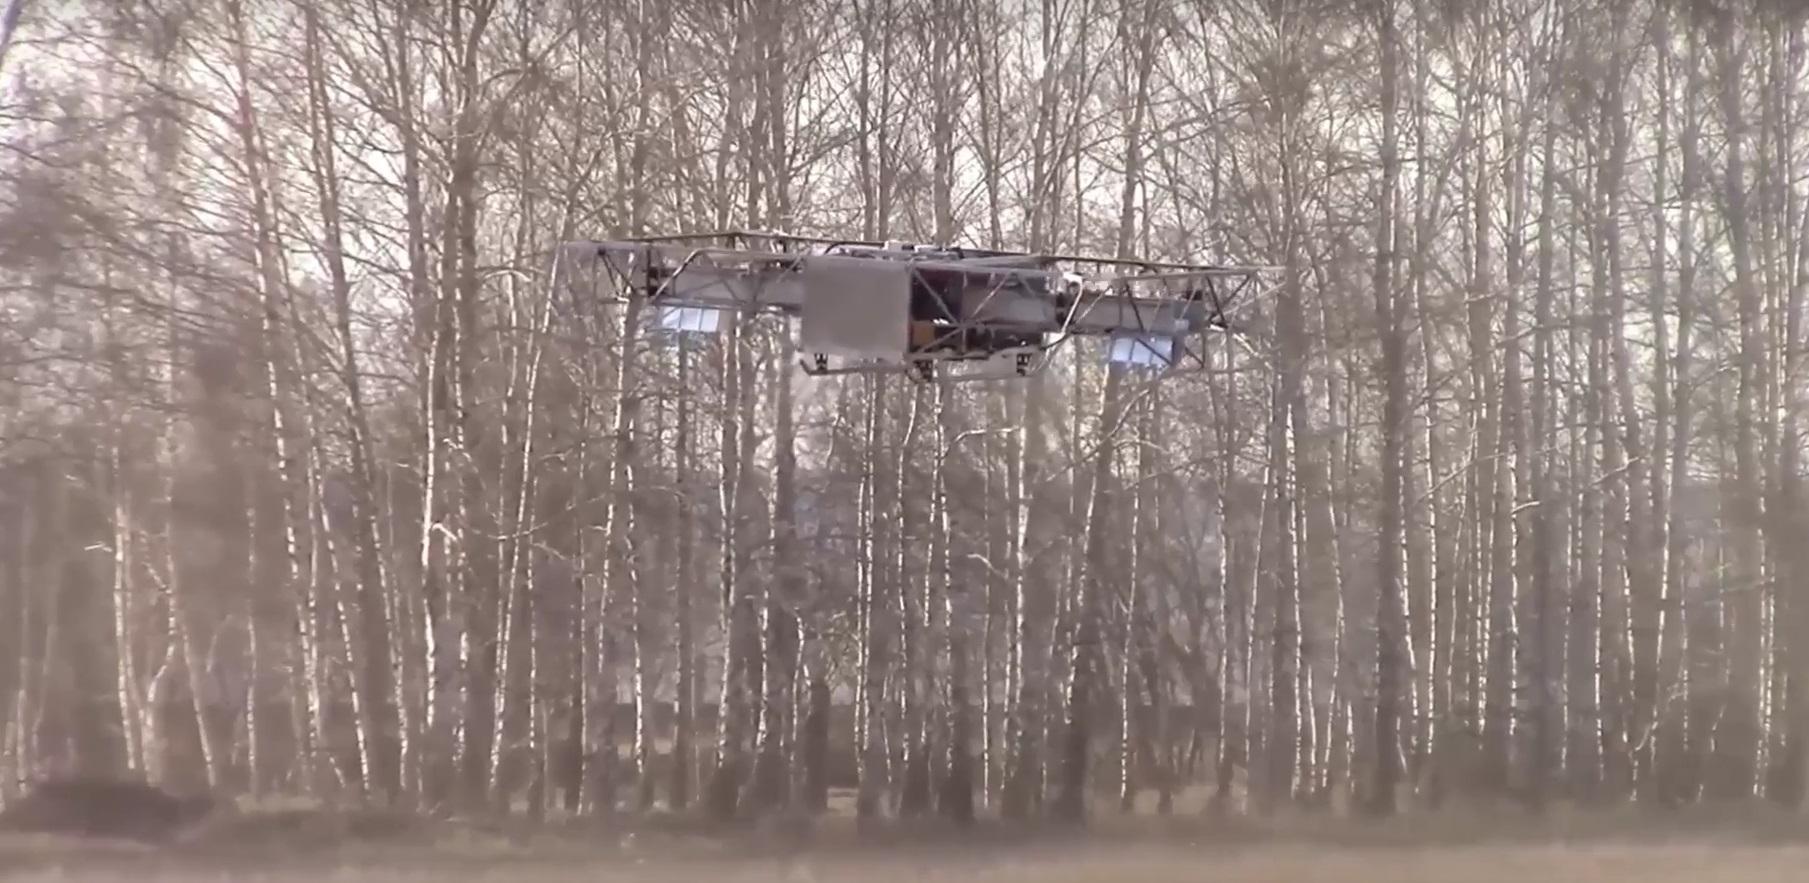 Тяжелый беспилотник из Татарстана впервые представят на форуме в Москве